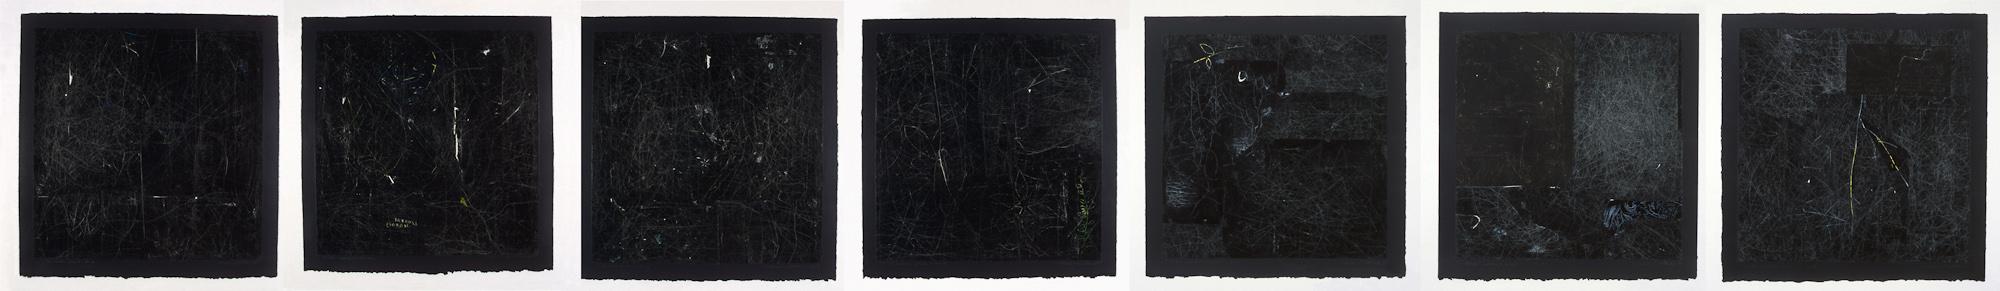 Les carrés noirs, no 1 à 7, 1998 - 1999. Gouache et crayon sur papier carbone, 46 x 322 cm.